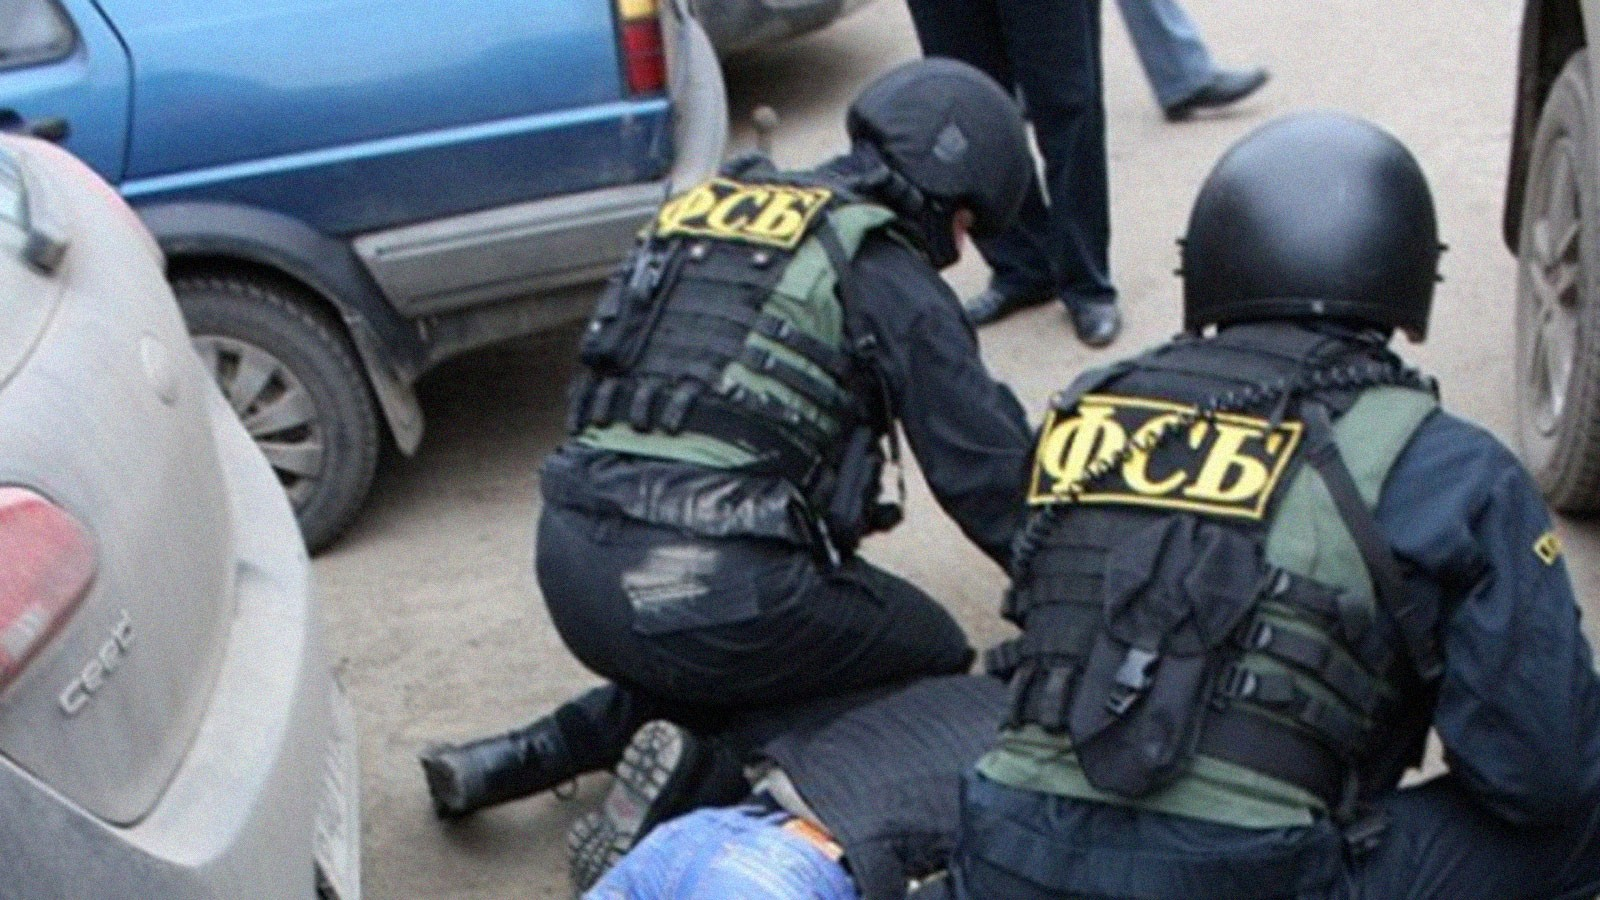 Организаторы несостоявшегося теракта в российской столице получили до14 лет строгого режима